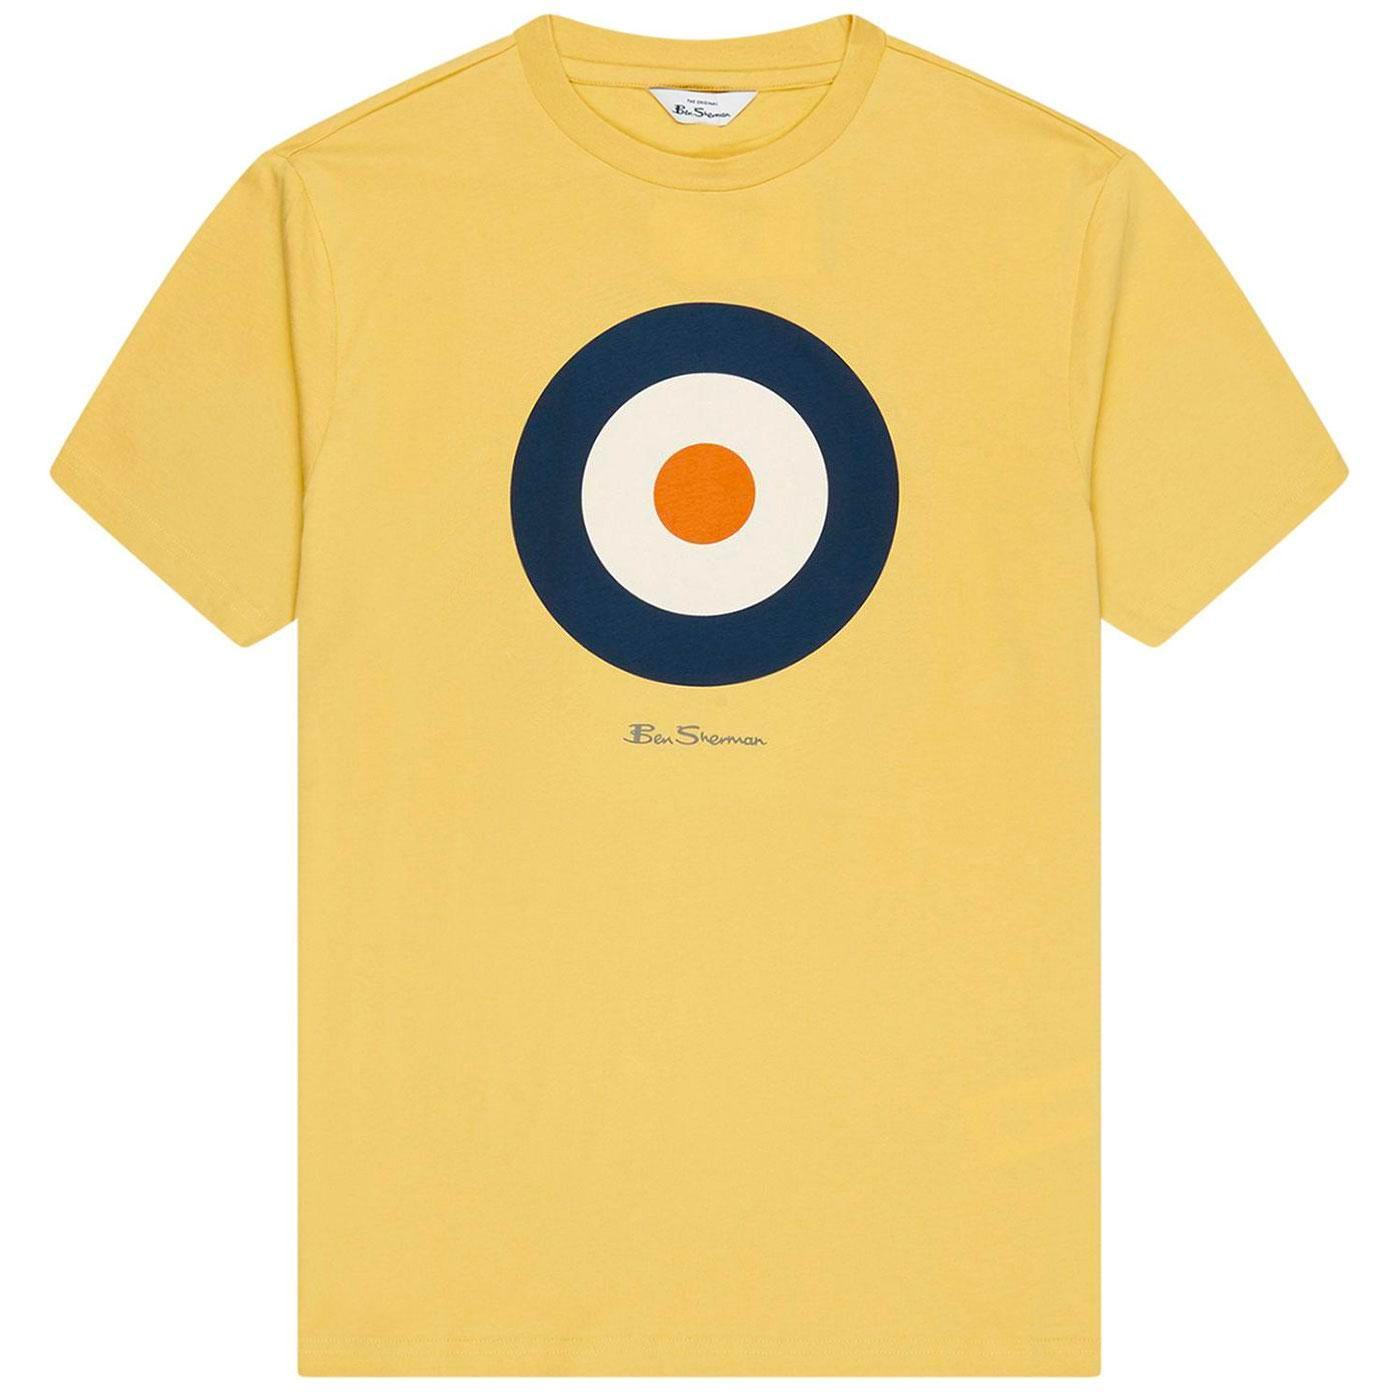 BEN SHERMAN Retro 1960s Mod Target Tee (Yellow)